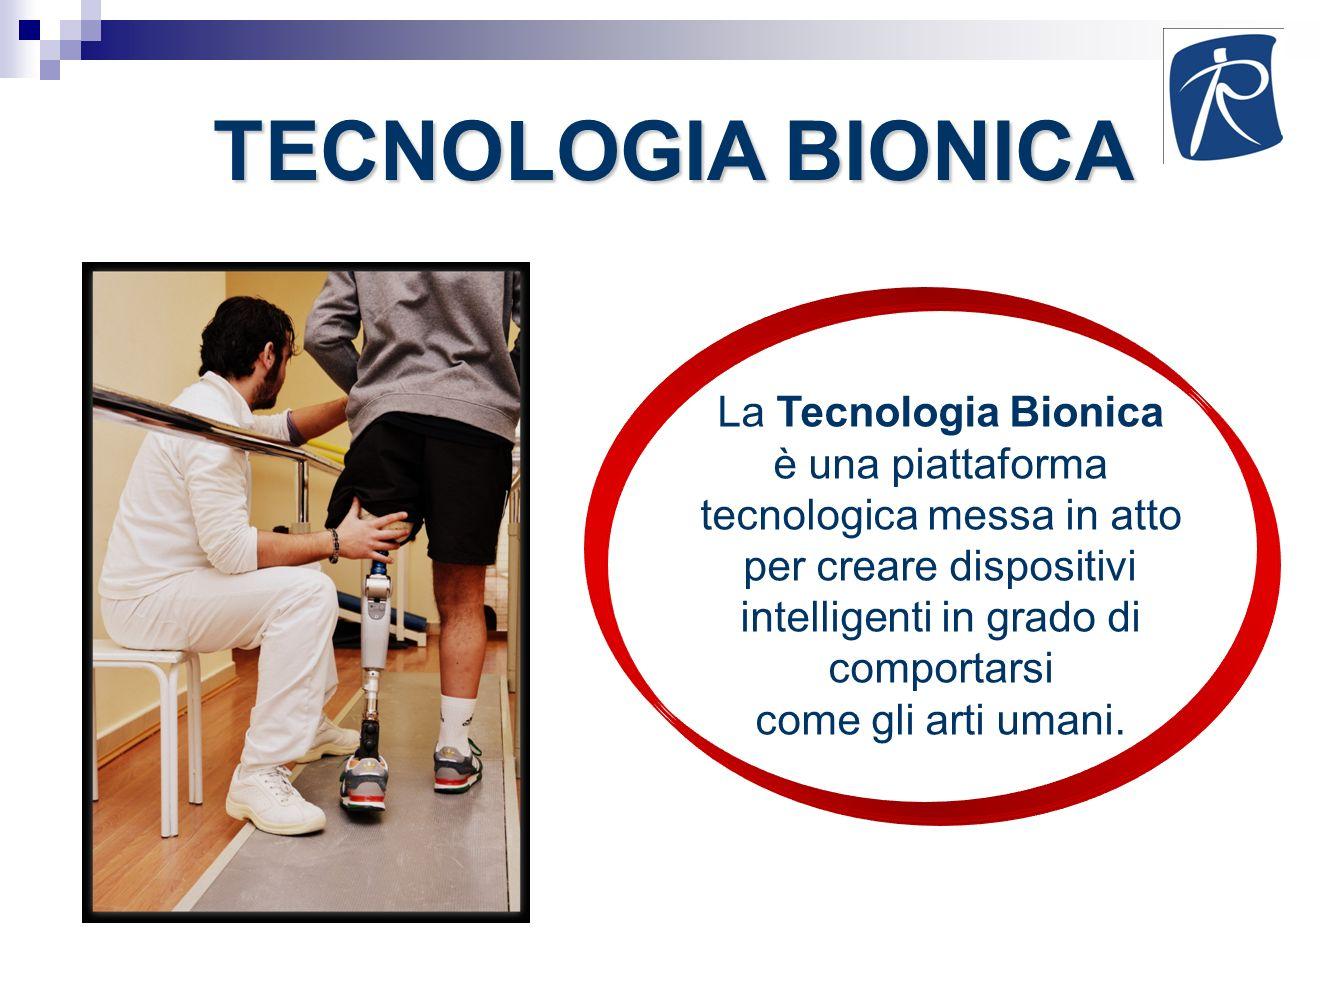 TECNOLOGIA BIONICA La Tecnologia Bionica è una piattaforma tecnologica messa in atto per creare dispositivi intelligenti in grado di comportarsi come